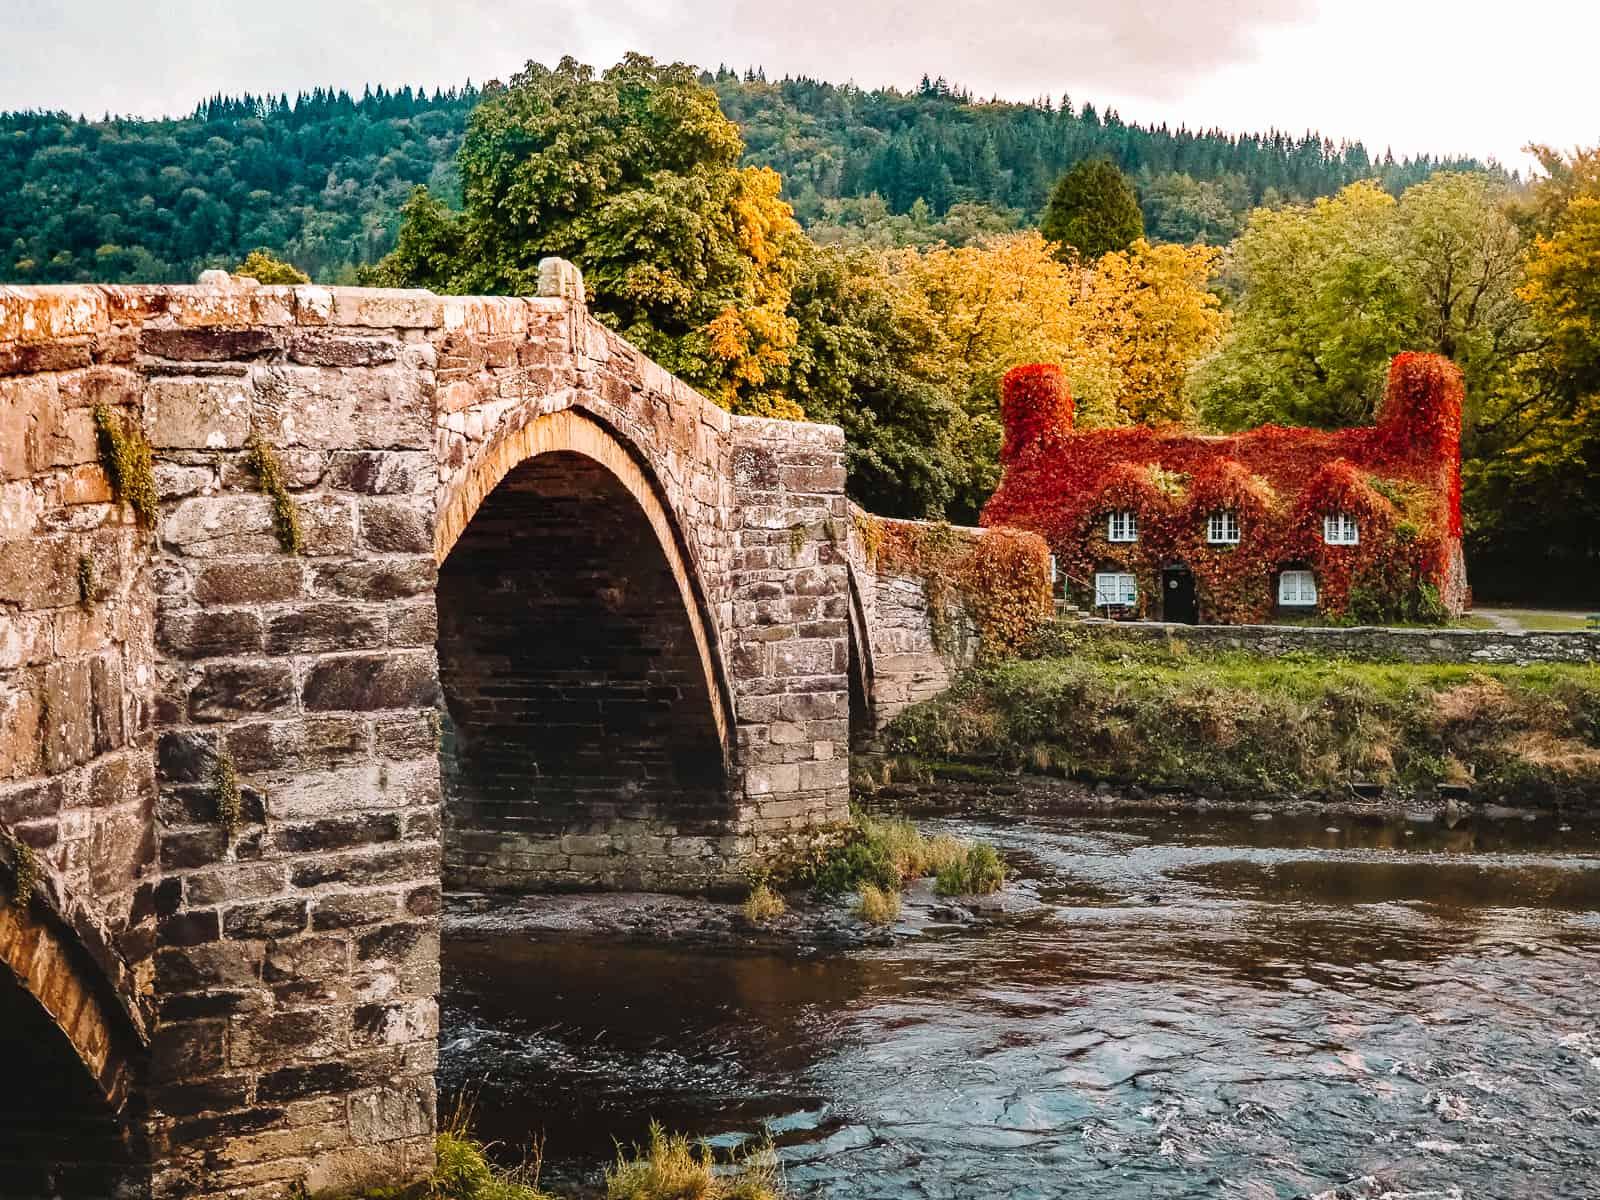 Tu Hwnt Ir Bont Tearoom with red leaves Llanrwst Wales Snowdonia